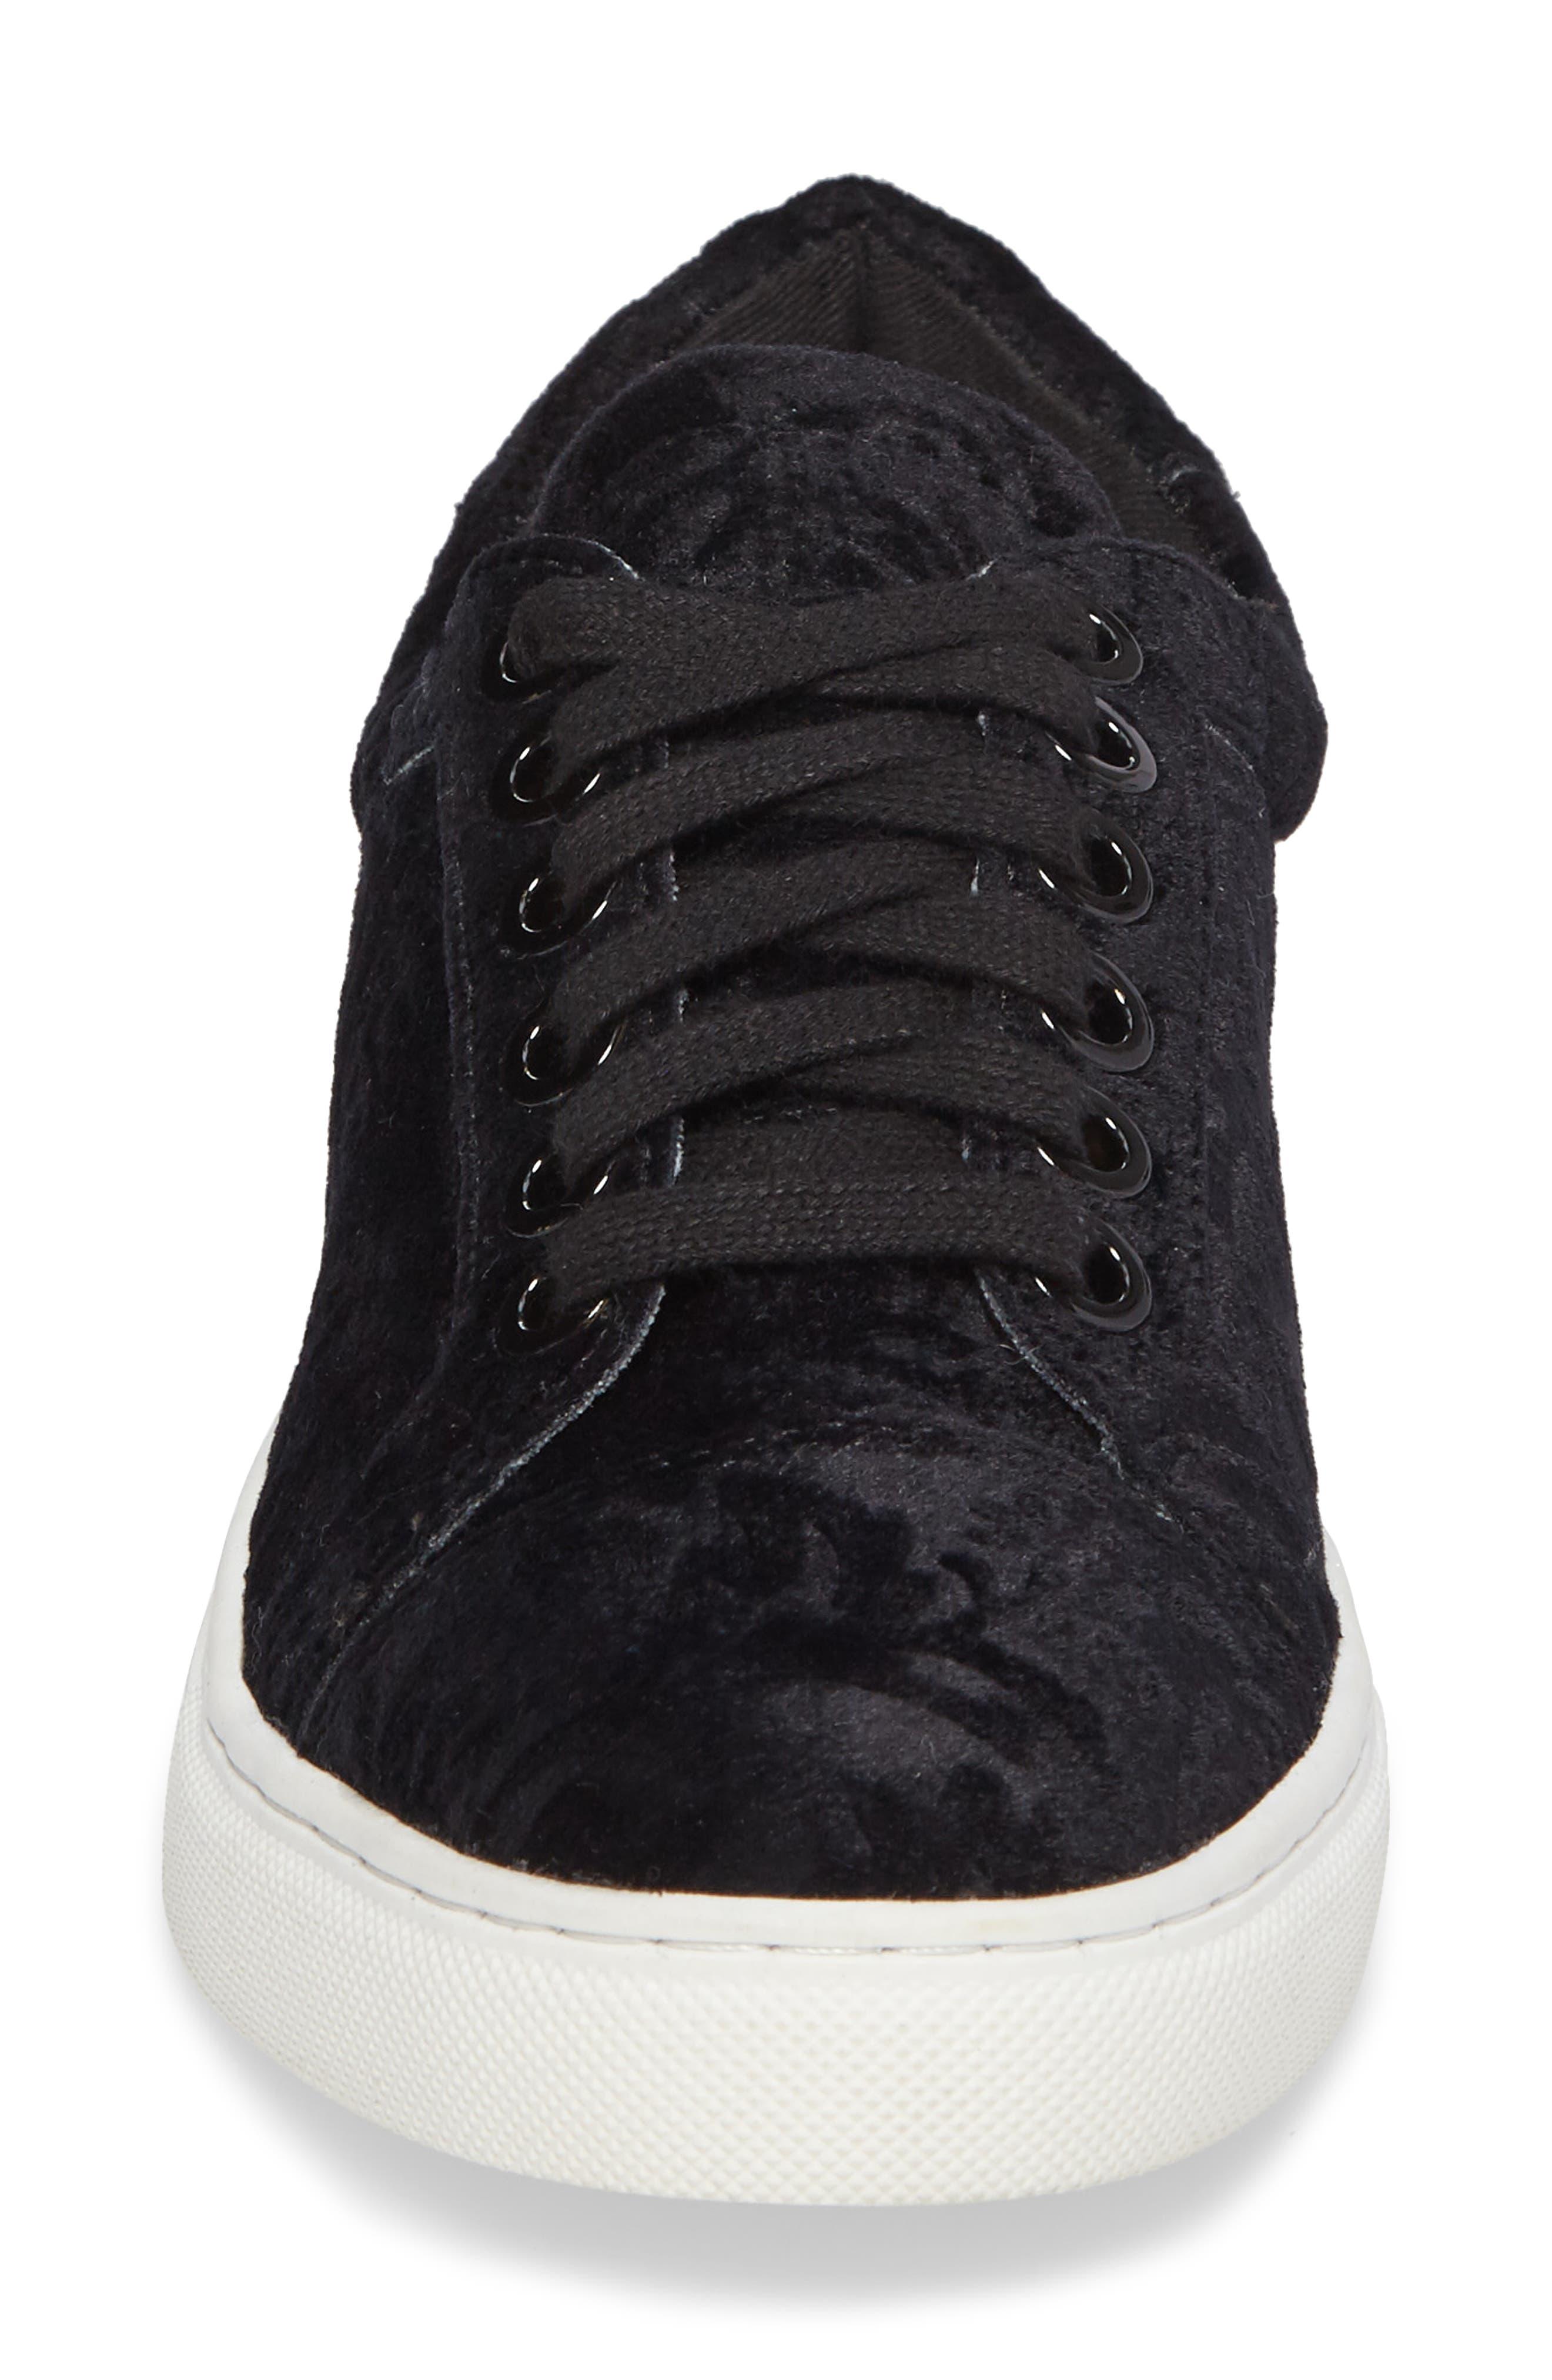 Bleecker Too Sneaker,                             Alternate thumbnail 4, color,                             001